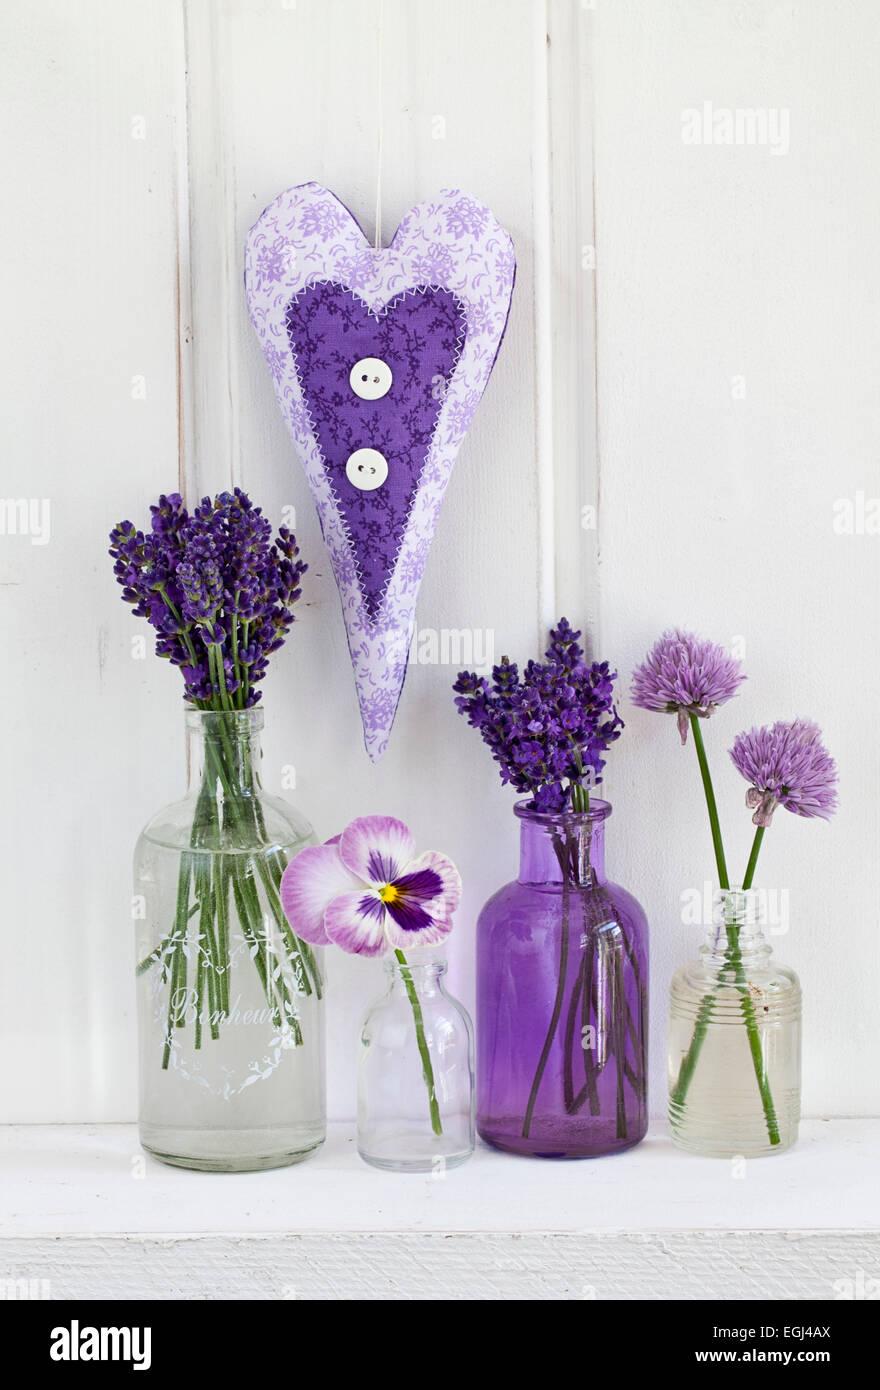 Lavendel, Blüten, Stiefmütterchen, Schnittlauchblüten, Herz - Stock Image